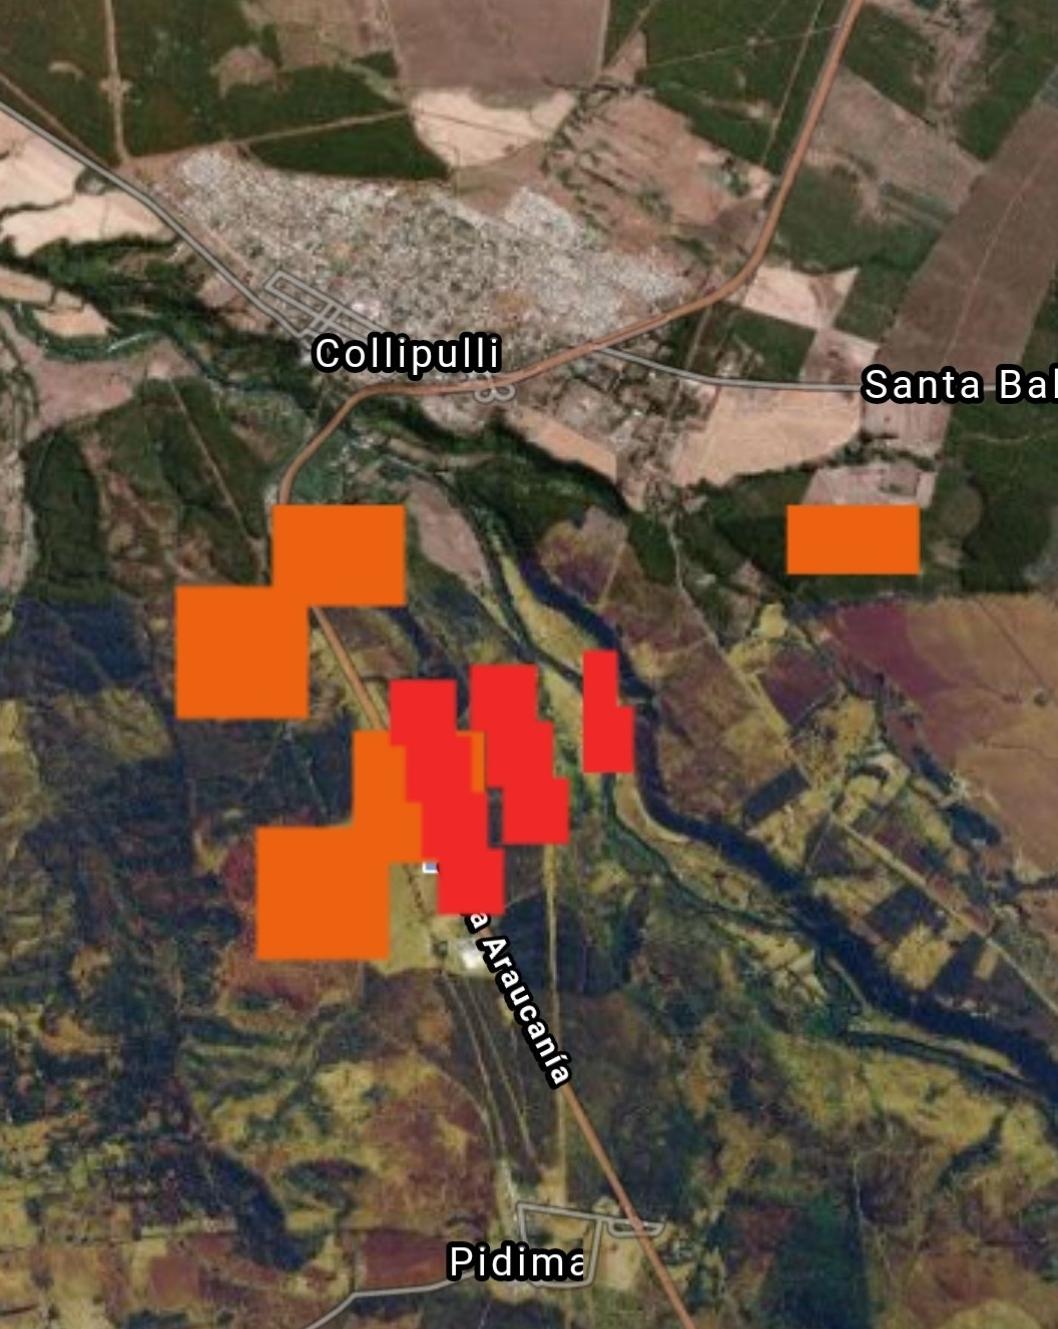 Noticias Chile | Incendio forestal fuera de control amenaza con quemar viviendas en Collipulli